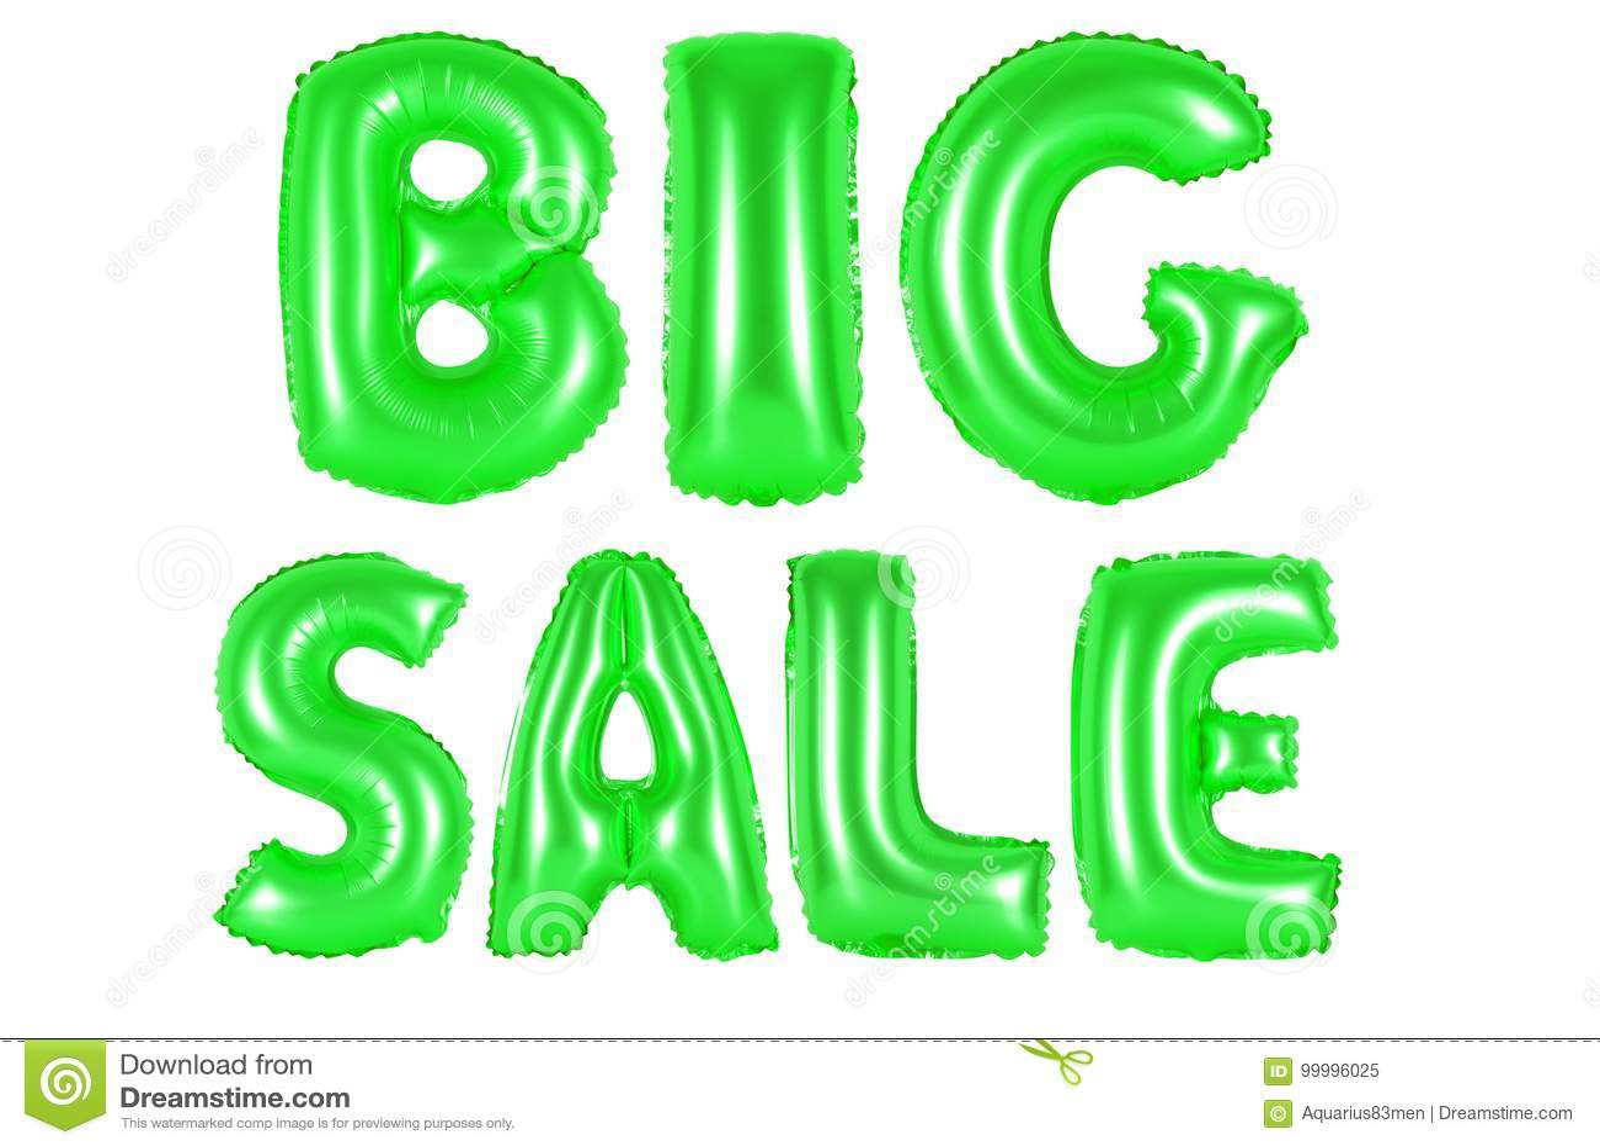 Big sale, green color stock image. Image of design, black - 99996025